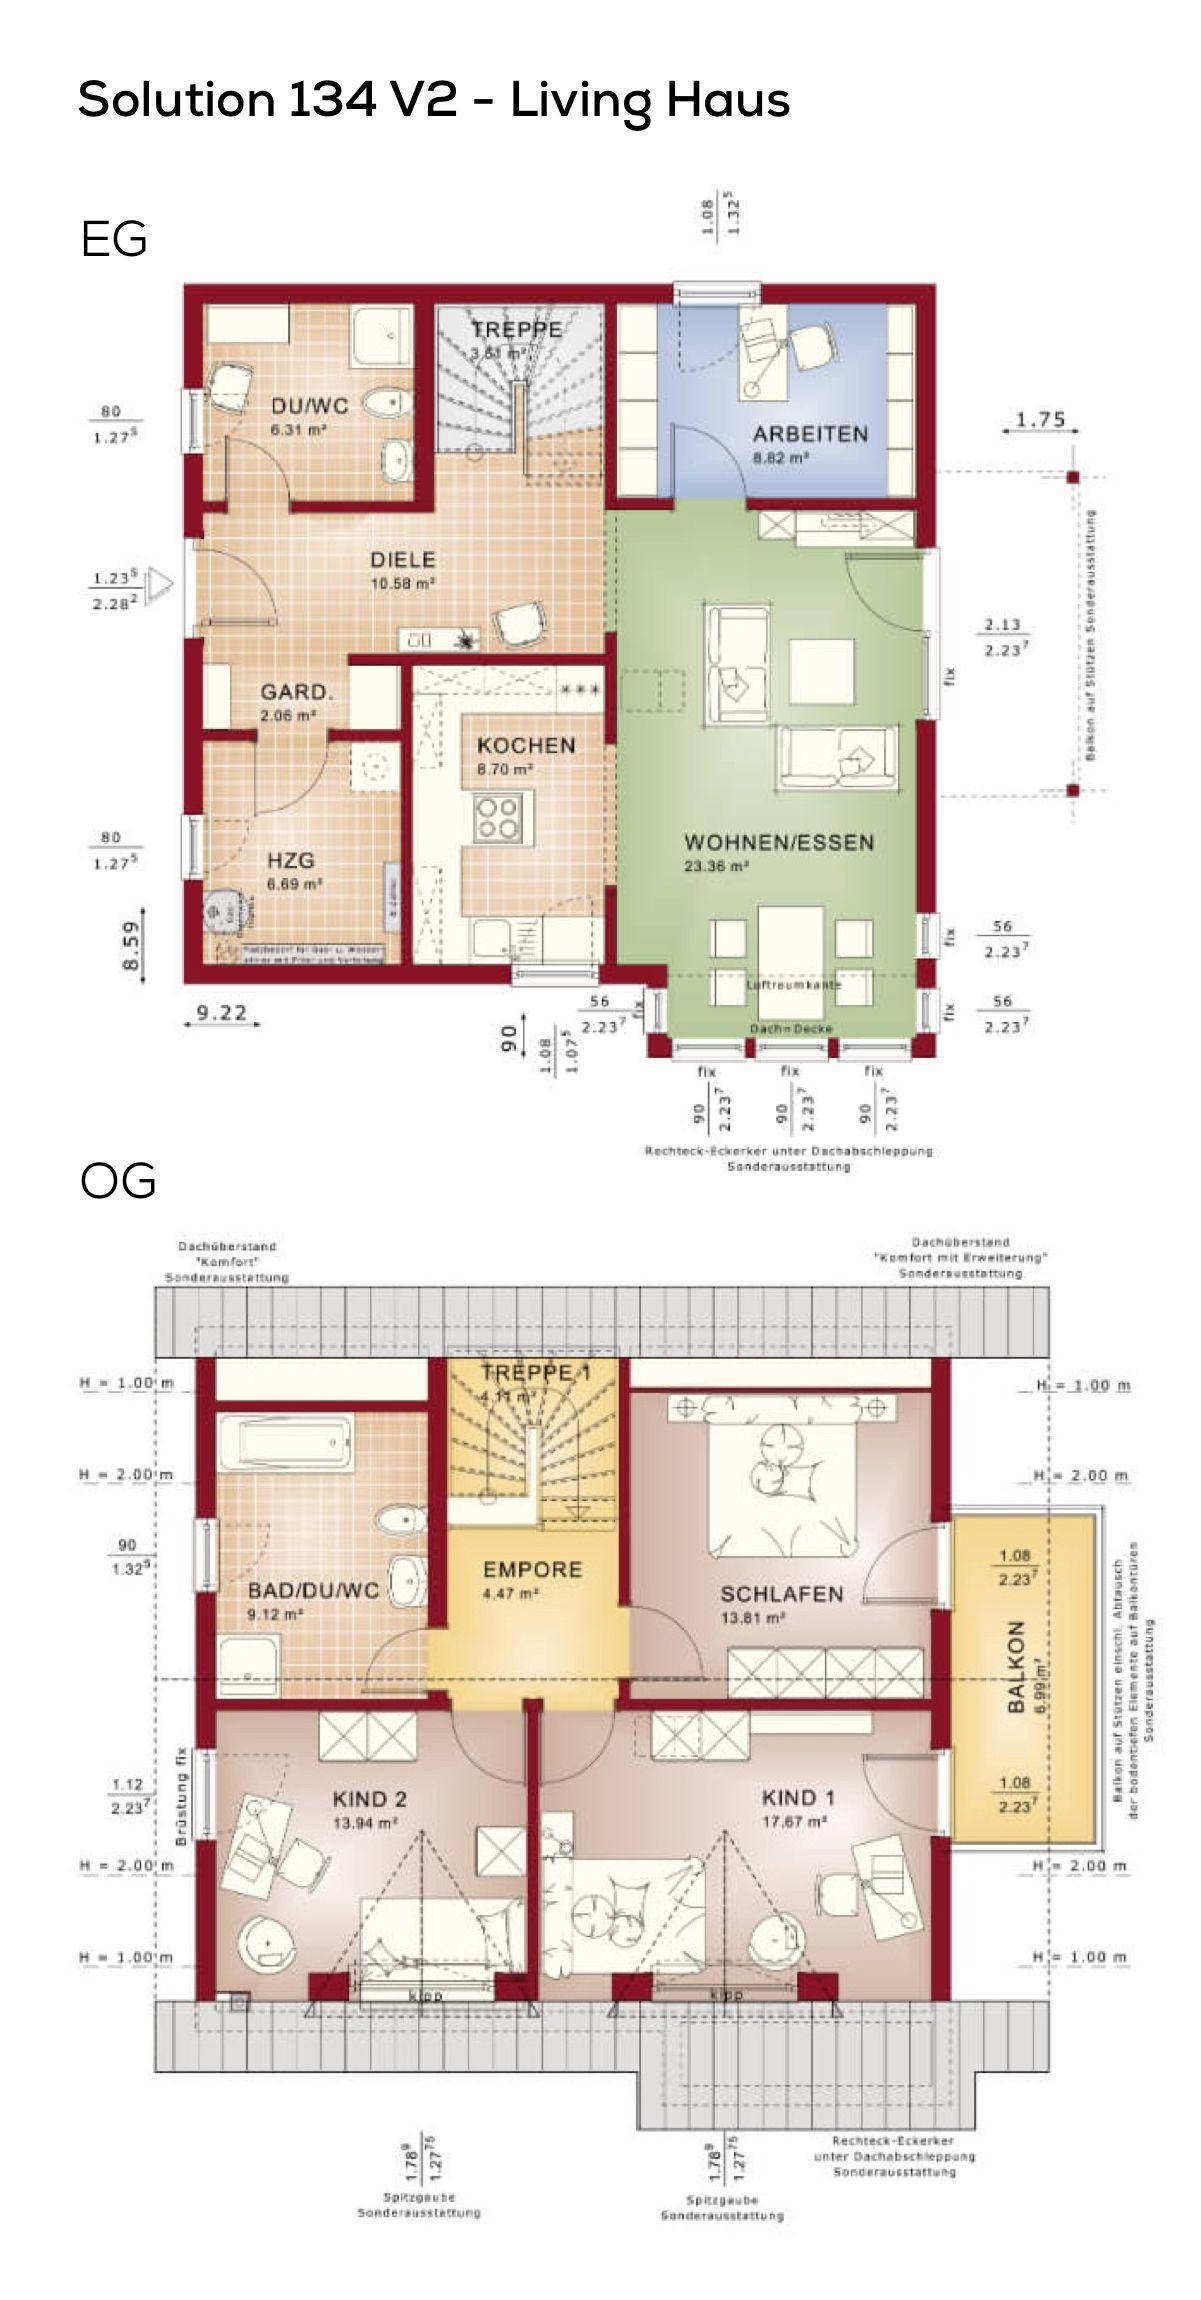 Grundriss Einfamilienhaus mit Satteldach  5 Zimmer 130 qm Wohnflche ohne Keller Erdgeschoss